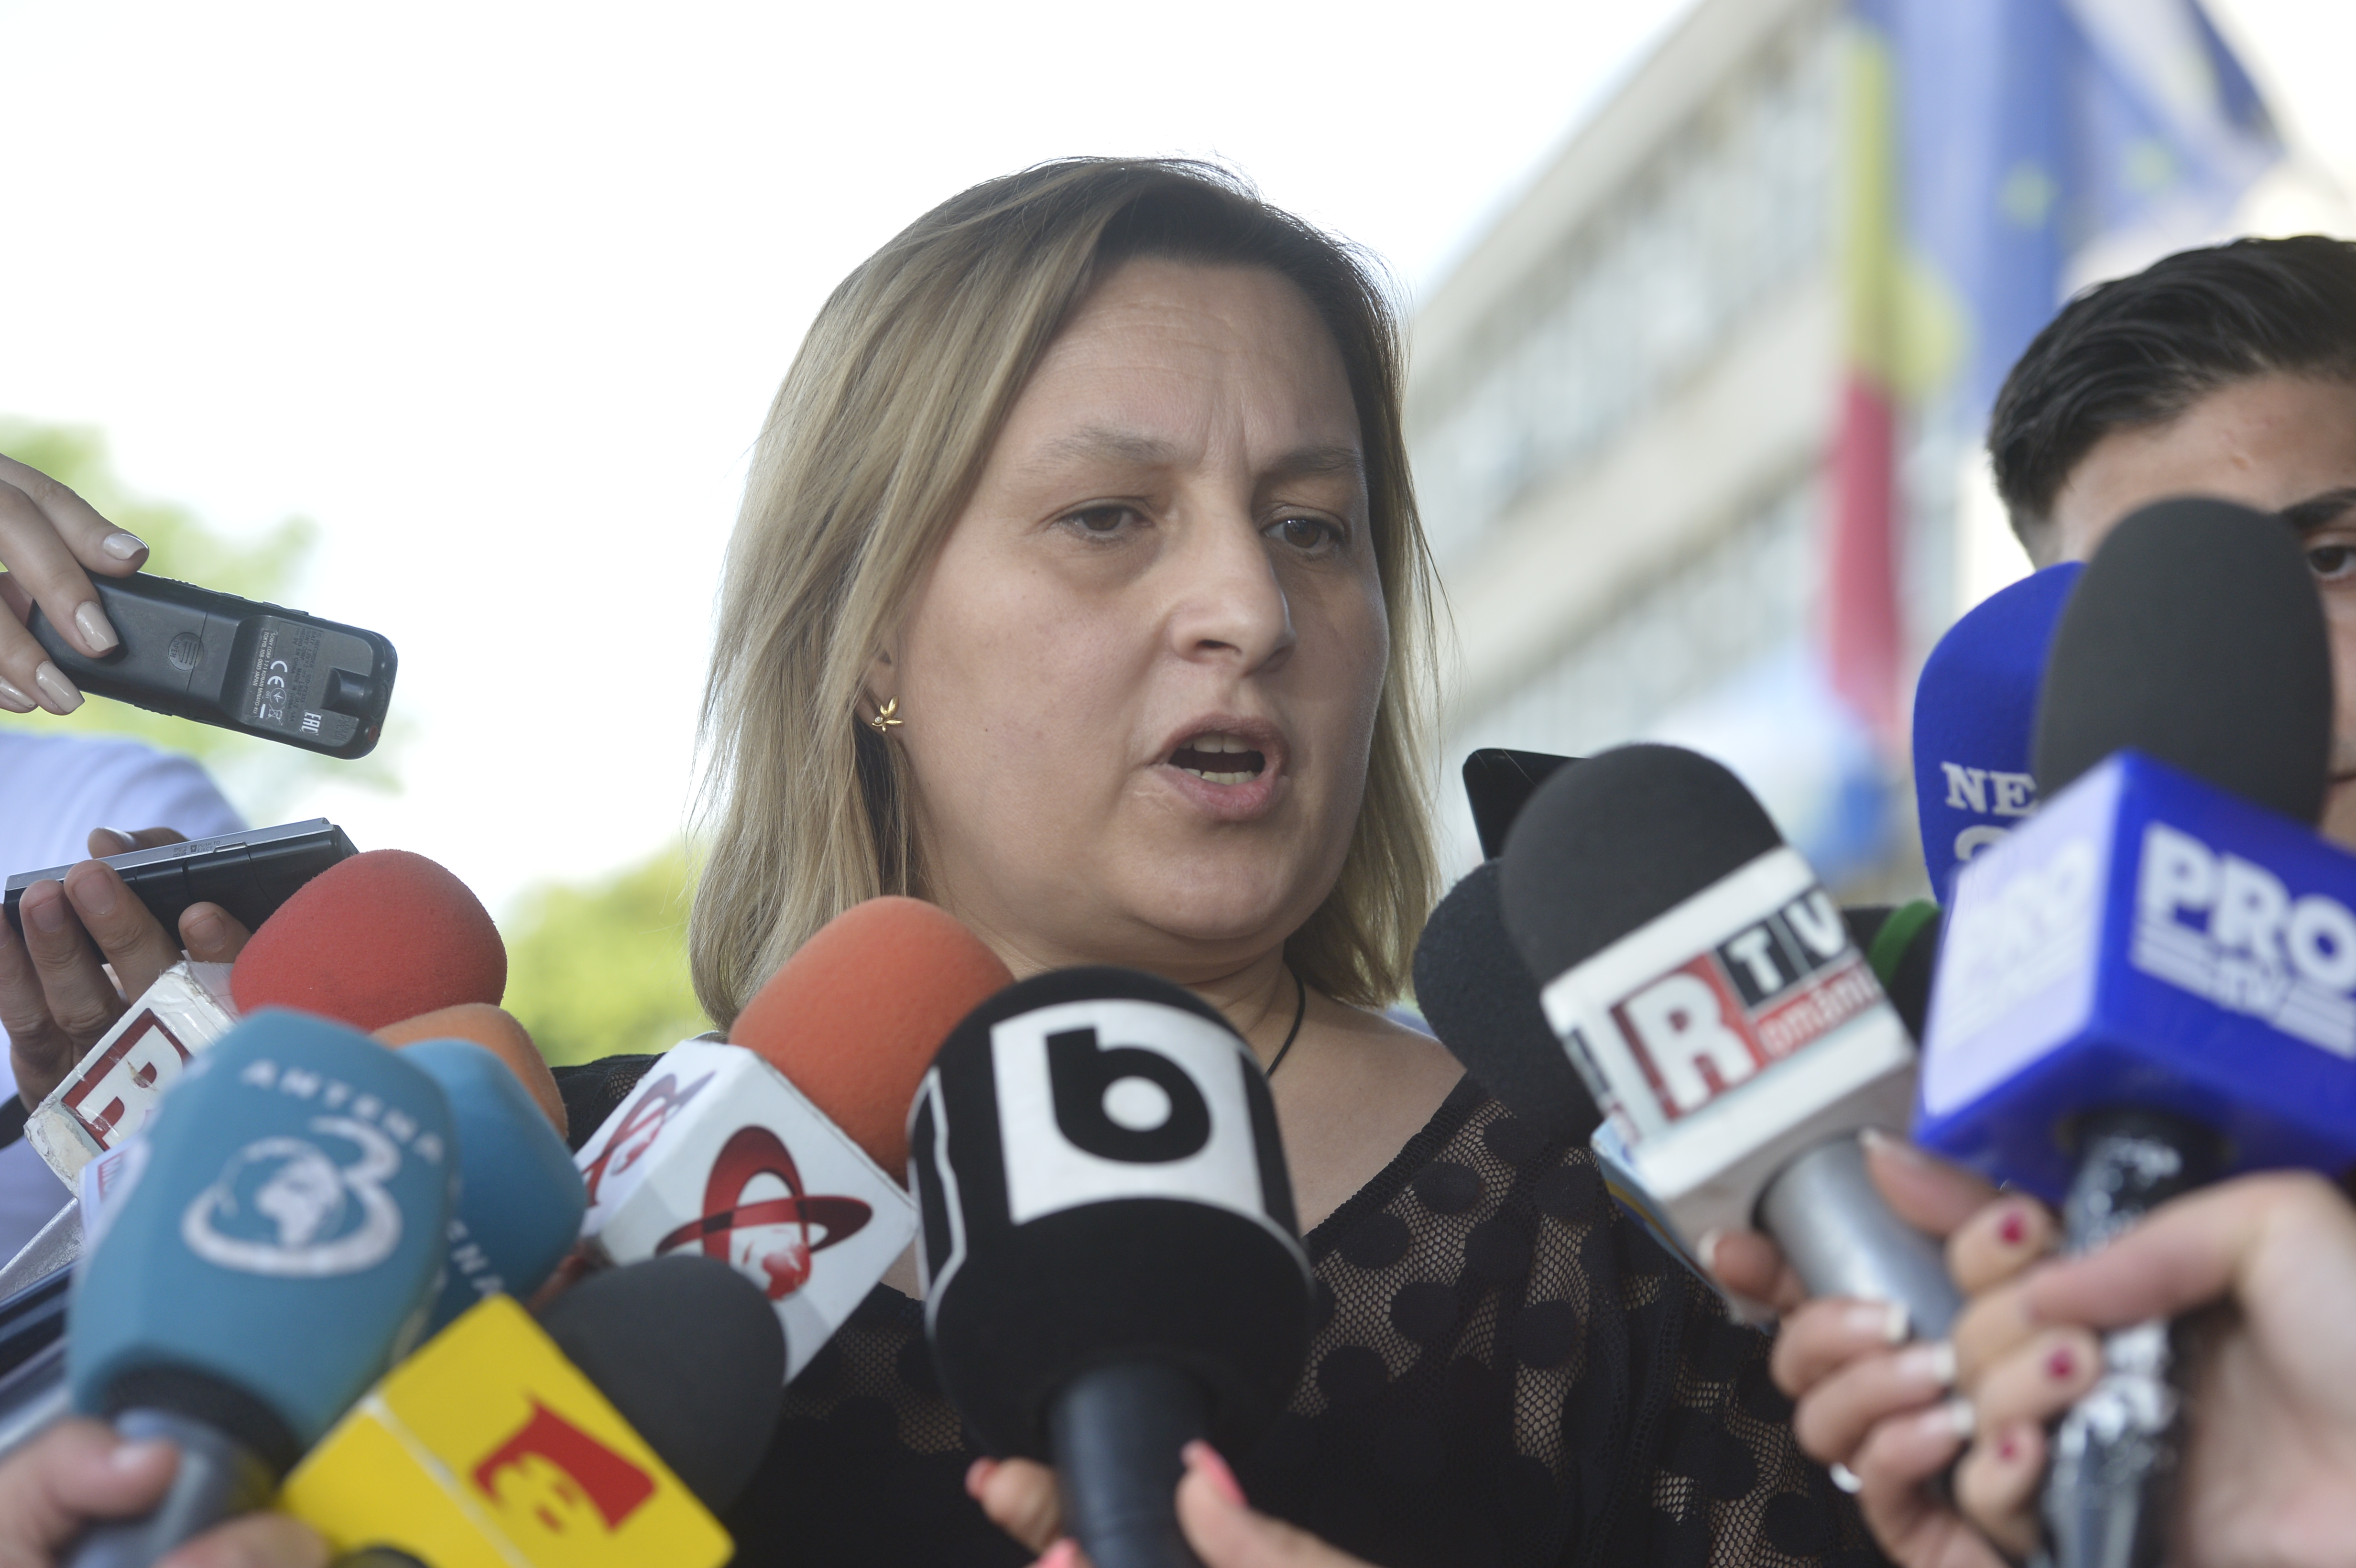 Procurorul Mihaiela Iorga susţine că prin sesizarea care o vizează, făcută de şefa DNA, Kovesi recunoaşte imixtiunea